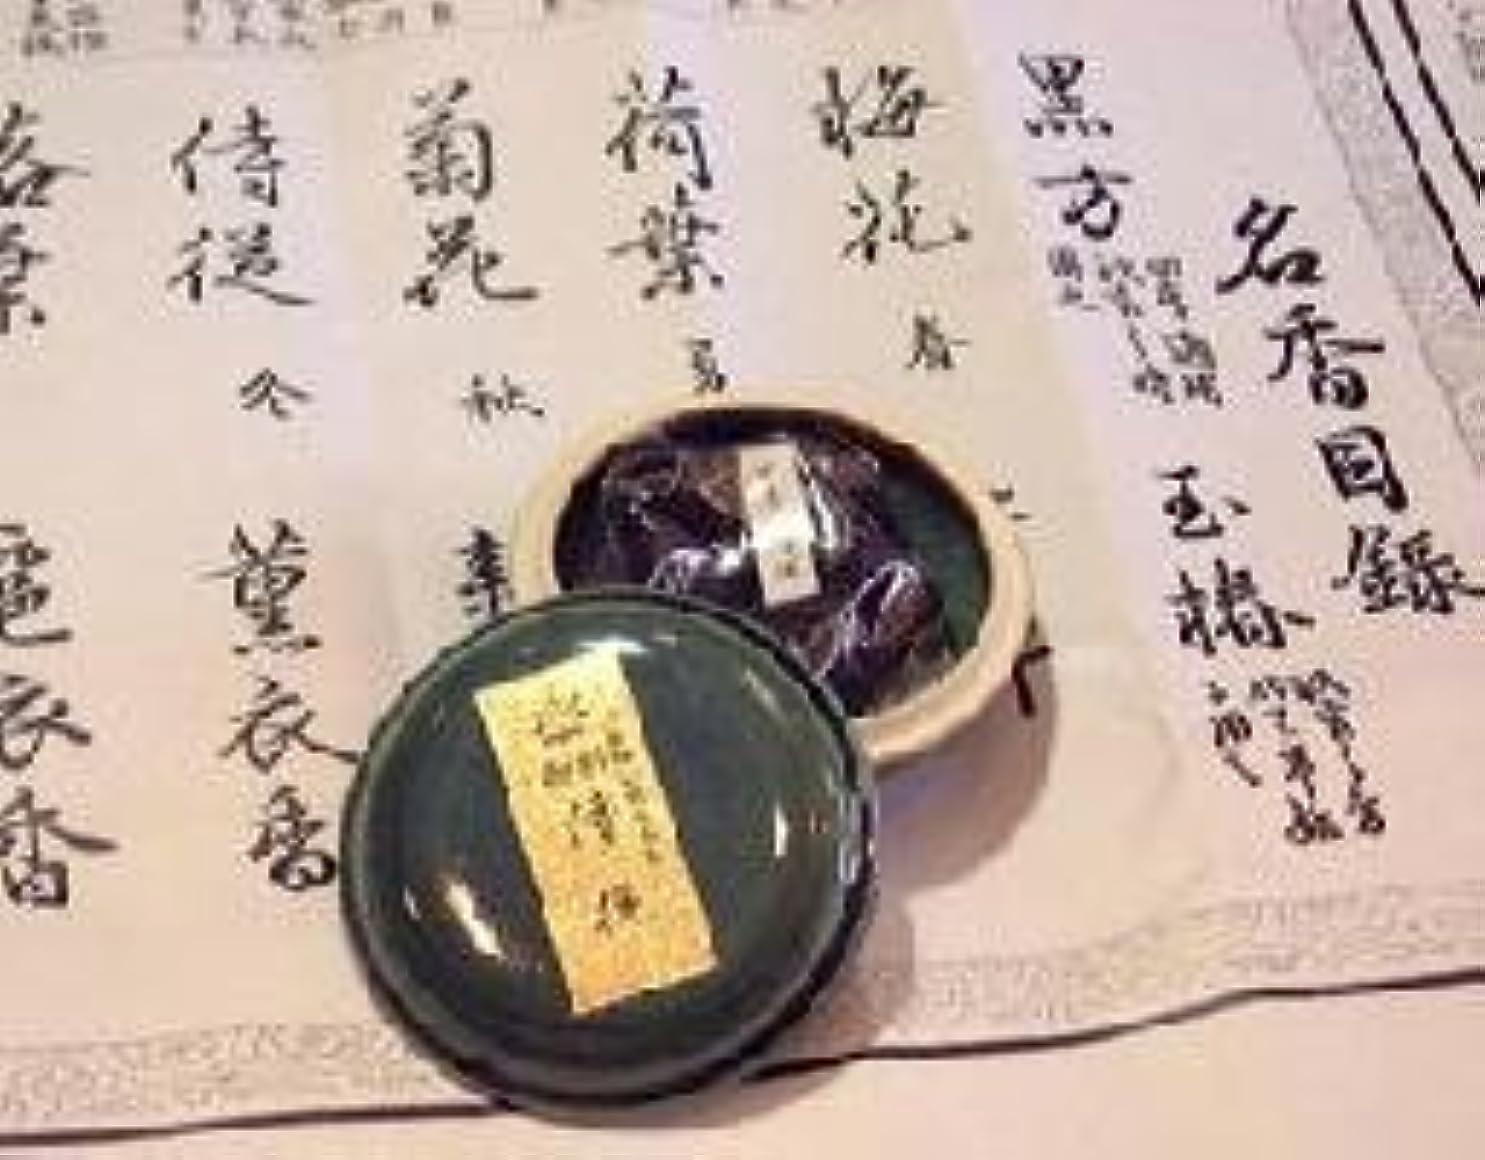 ラジウム垂直シュリンク鳩居堂の煉香 御香 侍従 桐箱 たと紙 陶器香合11g入 #505